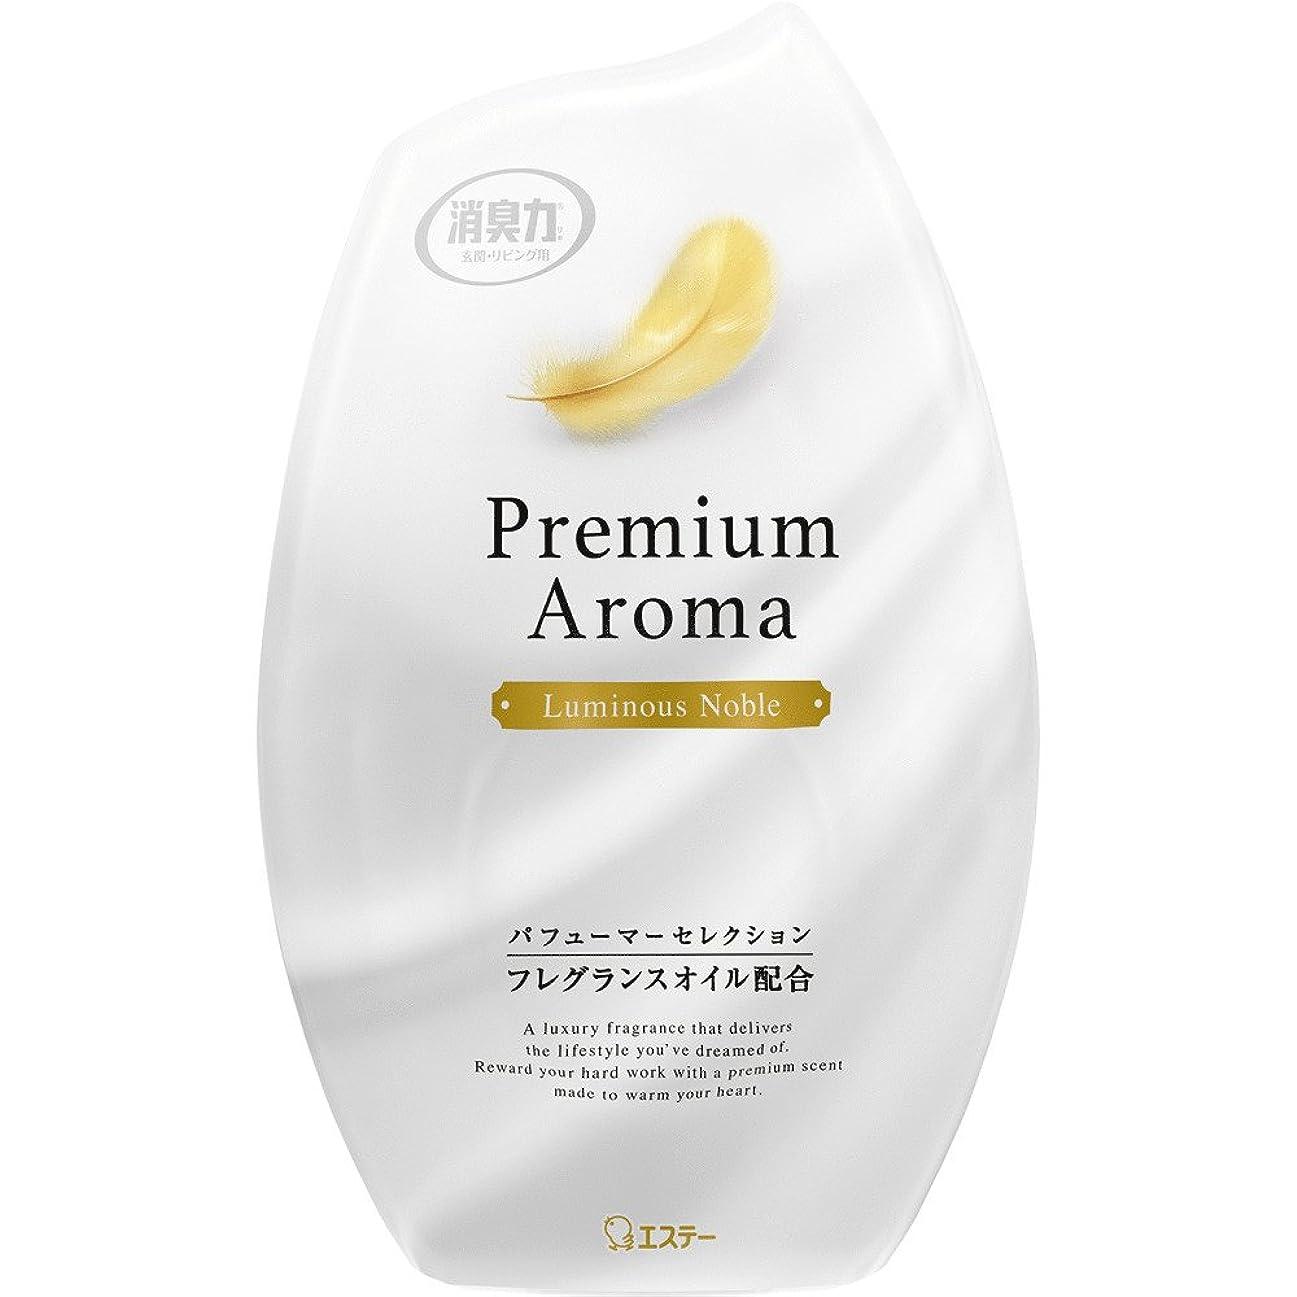 ビン偉業過言お部屋の消臭力 プレミアムアロマ Premium Aroma 消臭芳香剤 部屋用 部屋 ルミナスノーブルの香り 400ml